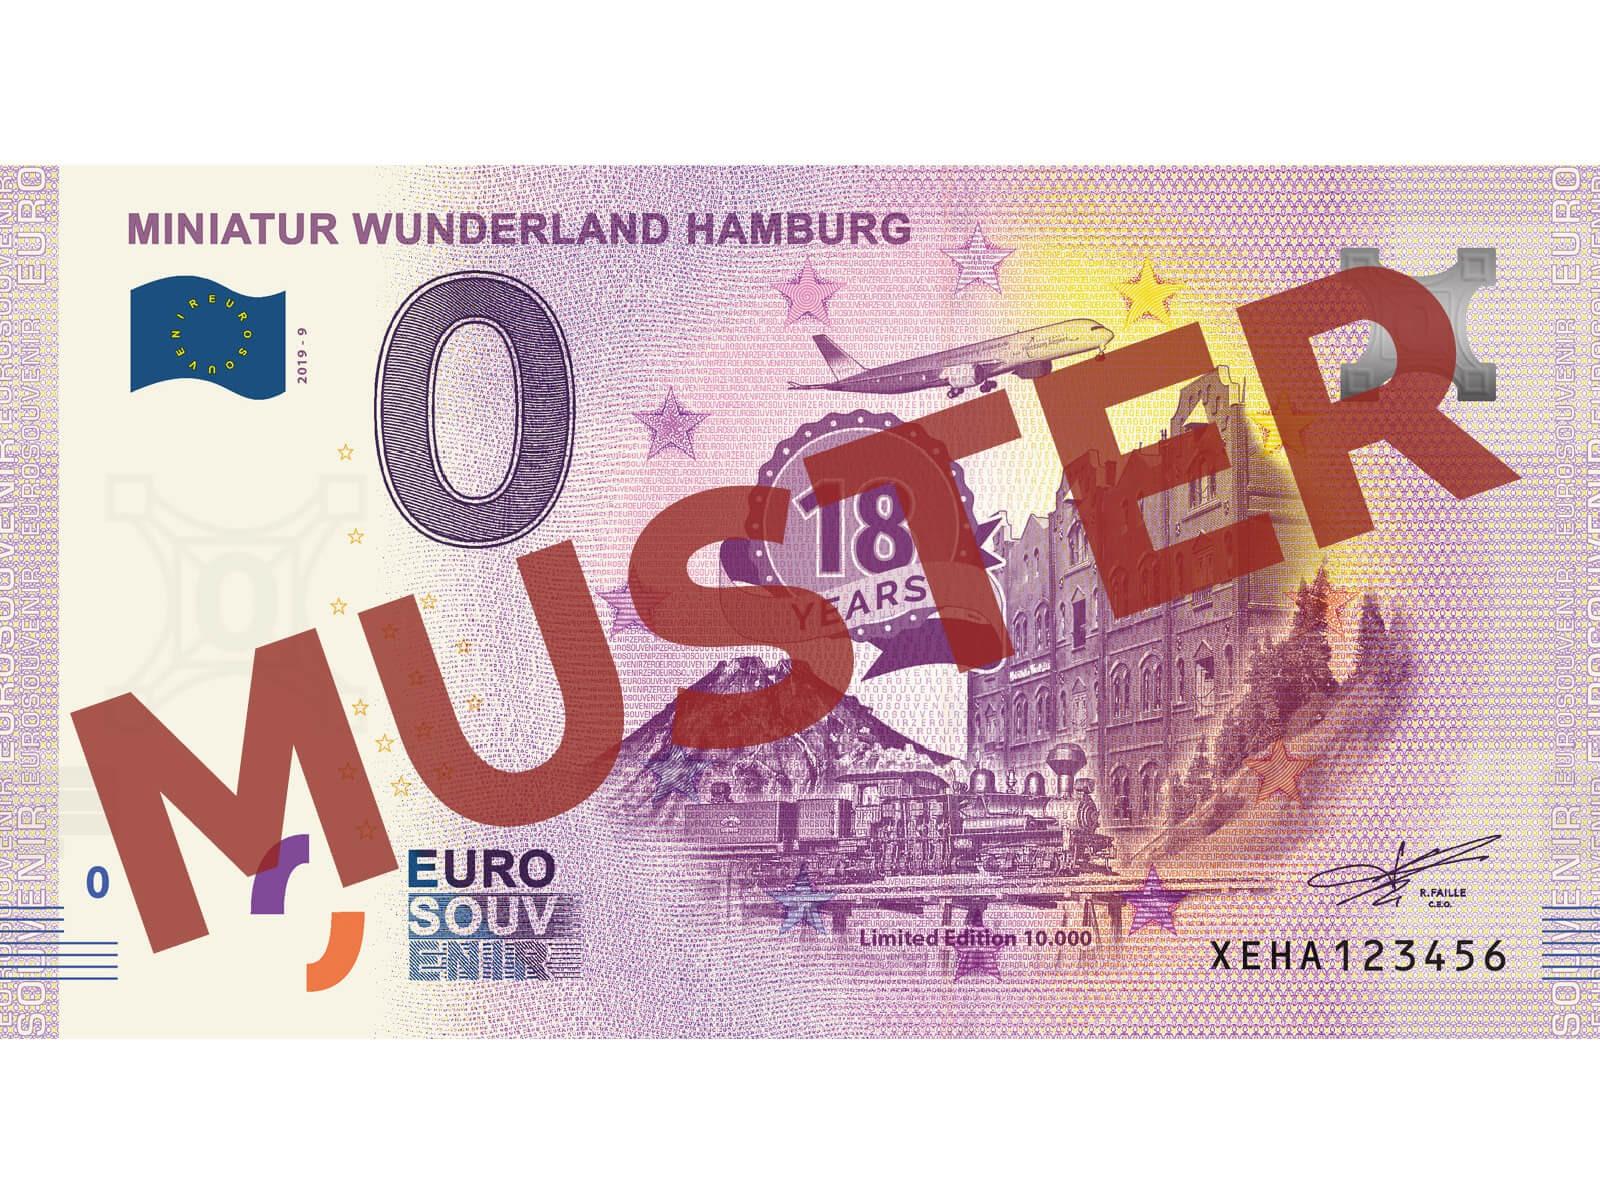 """Euro-Souvenirschein Motiv """"18 Jahre Miniatur Wunderland"""" (2019-9)"""